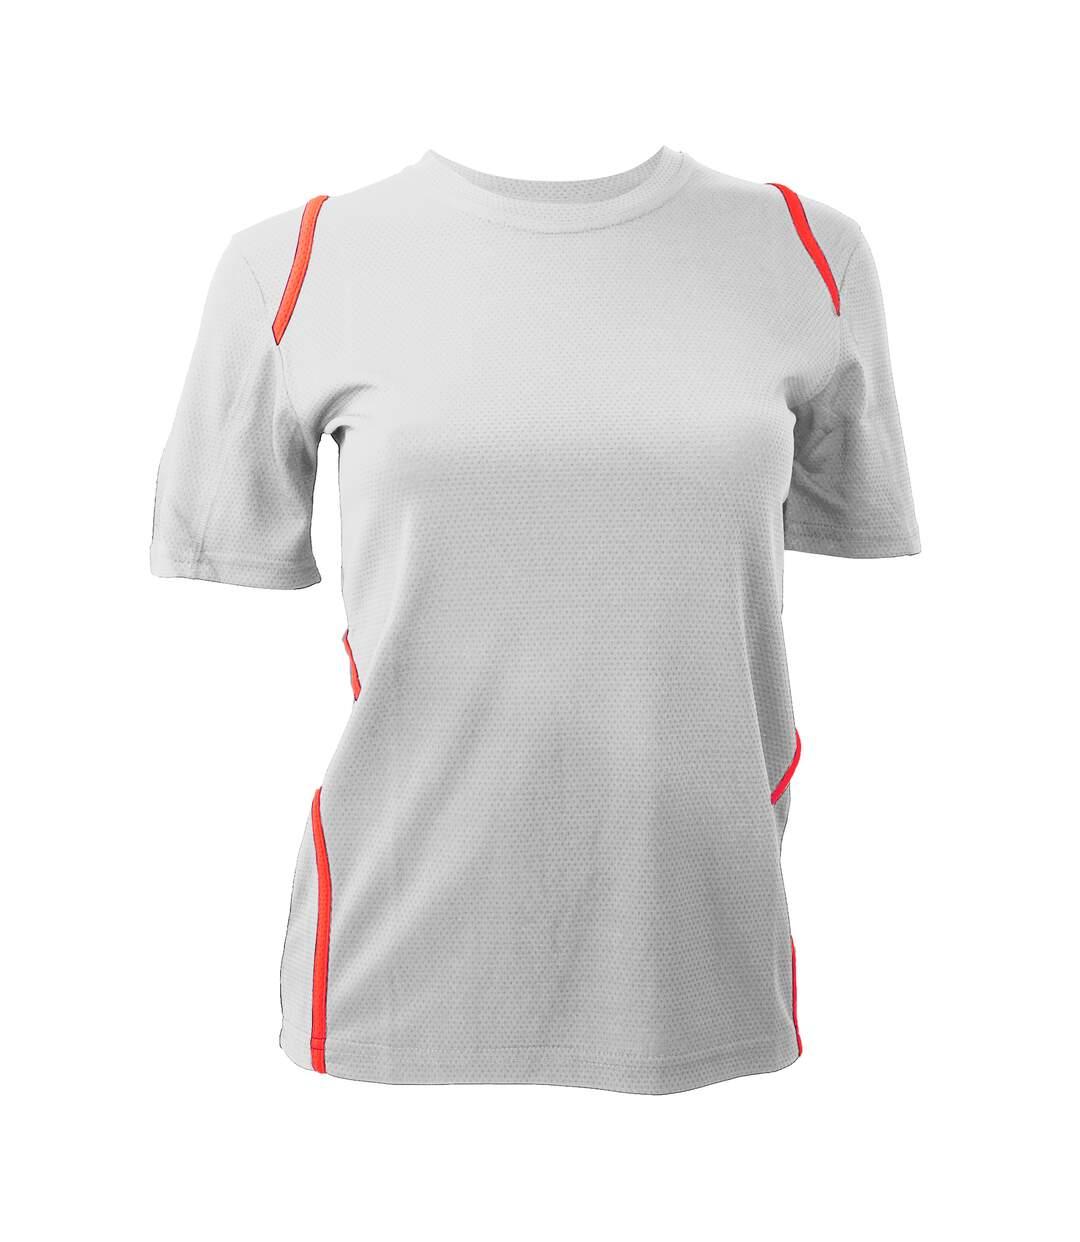 Gamegear Cooltex - T-Shirt - Femme (Blanc/Rouge) - UTBC428